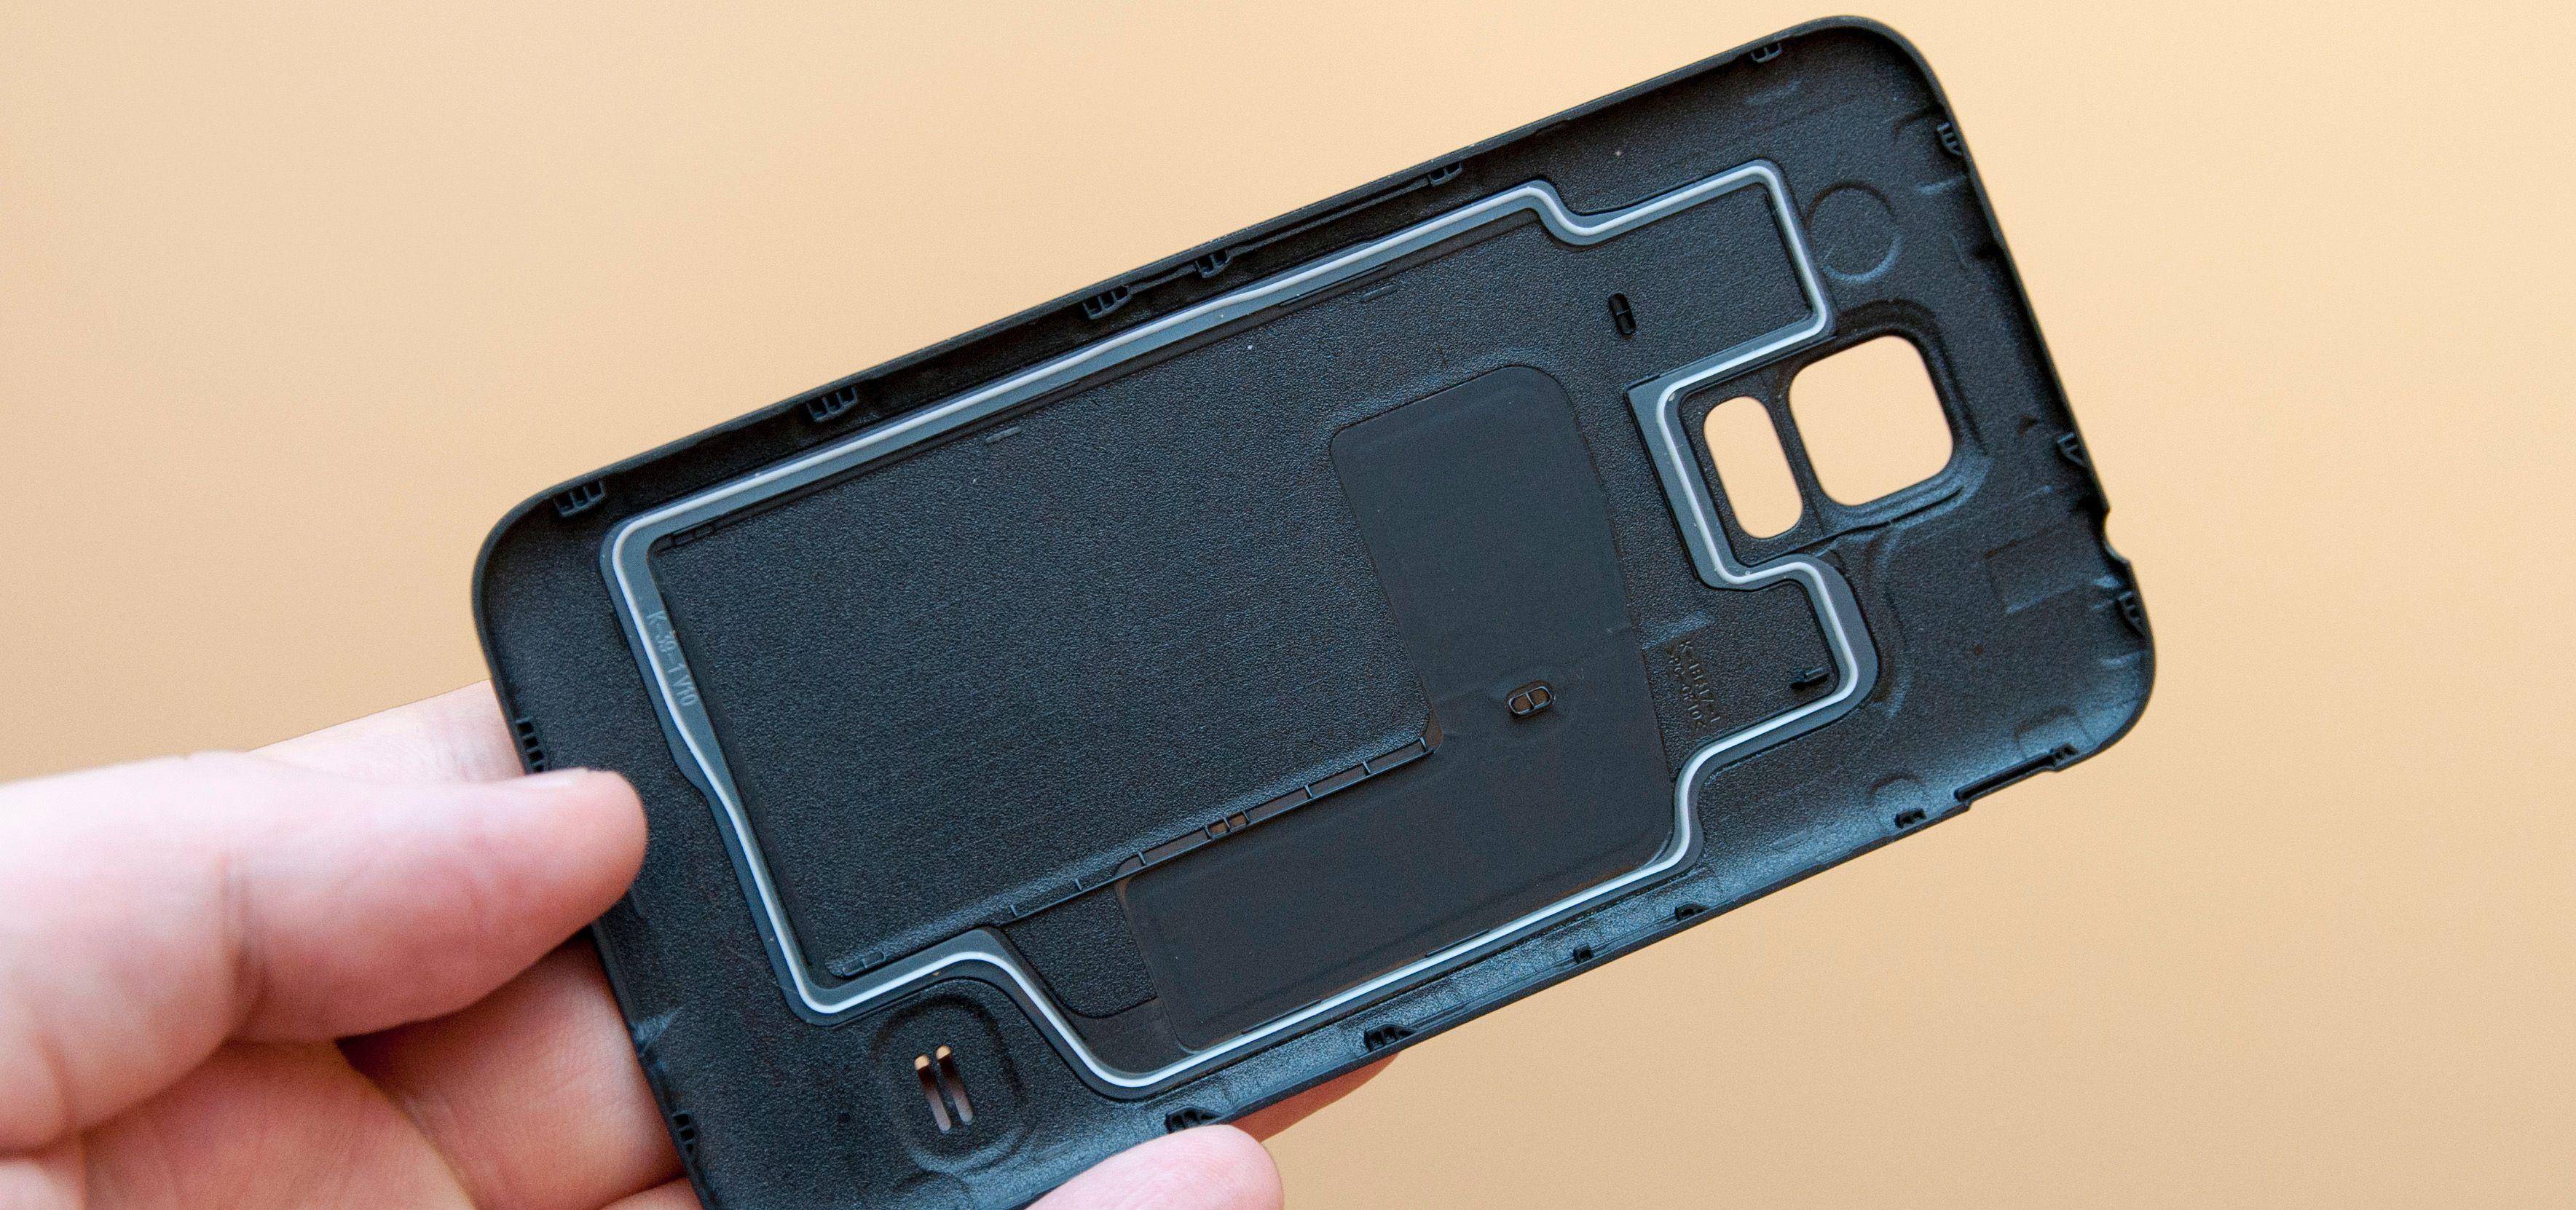 Pakningen på undersiden av bakdekselet avslører at Galaxy S5 er vanntett.Foto: Finn Jarle Kvalheim, Amobil.no